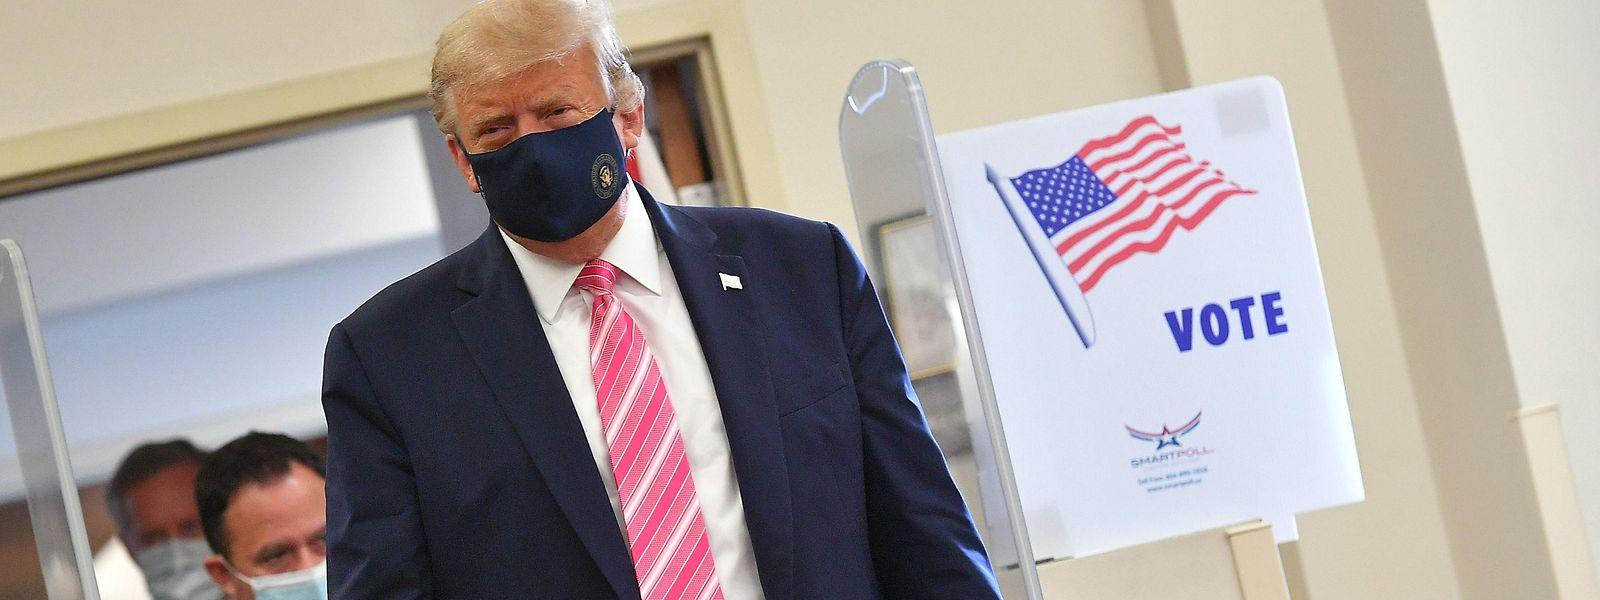 Donald Trump beim betreten des Wahlbüros.